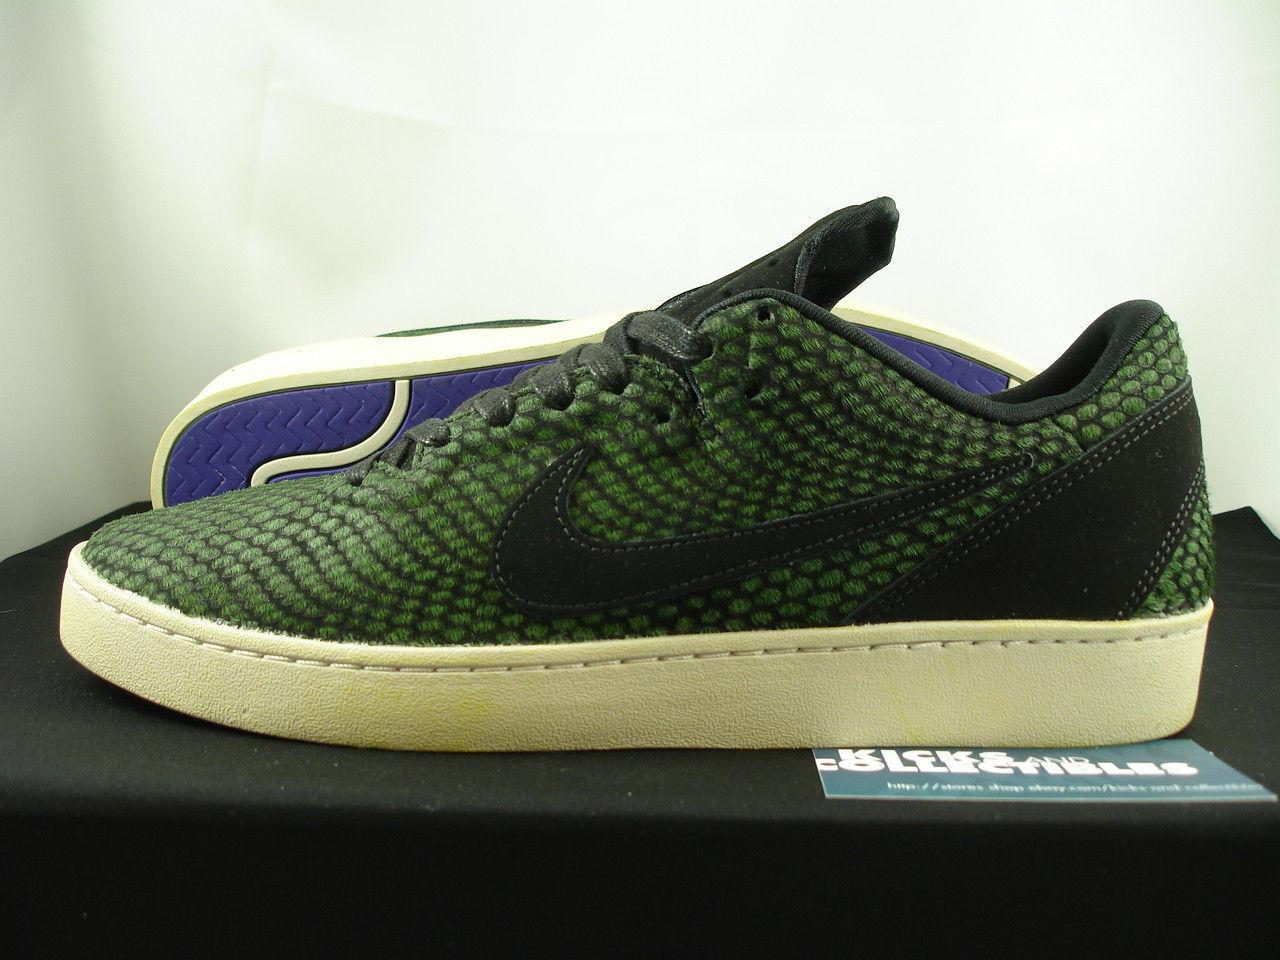 Nike Kobe 8 NSW Lifestyle 582552 9,5 de 10 10,5 582552 Lifestyle 300 de piel de serpiente piton verde negro venta de liquidacion de temporada ceaf79